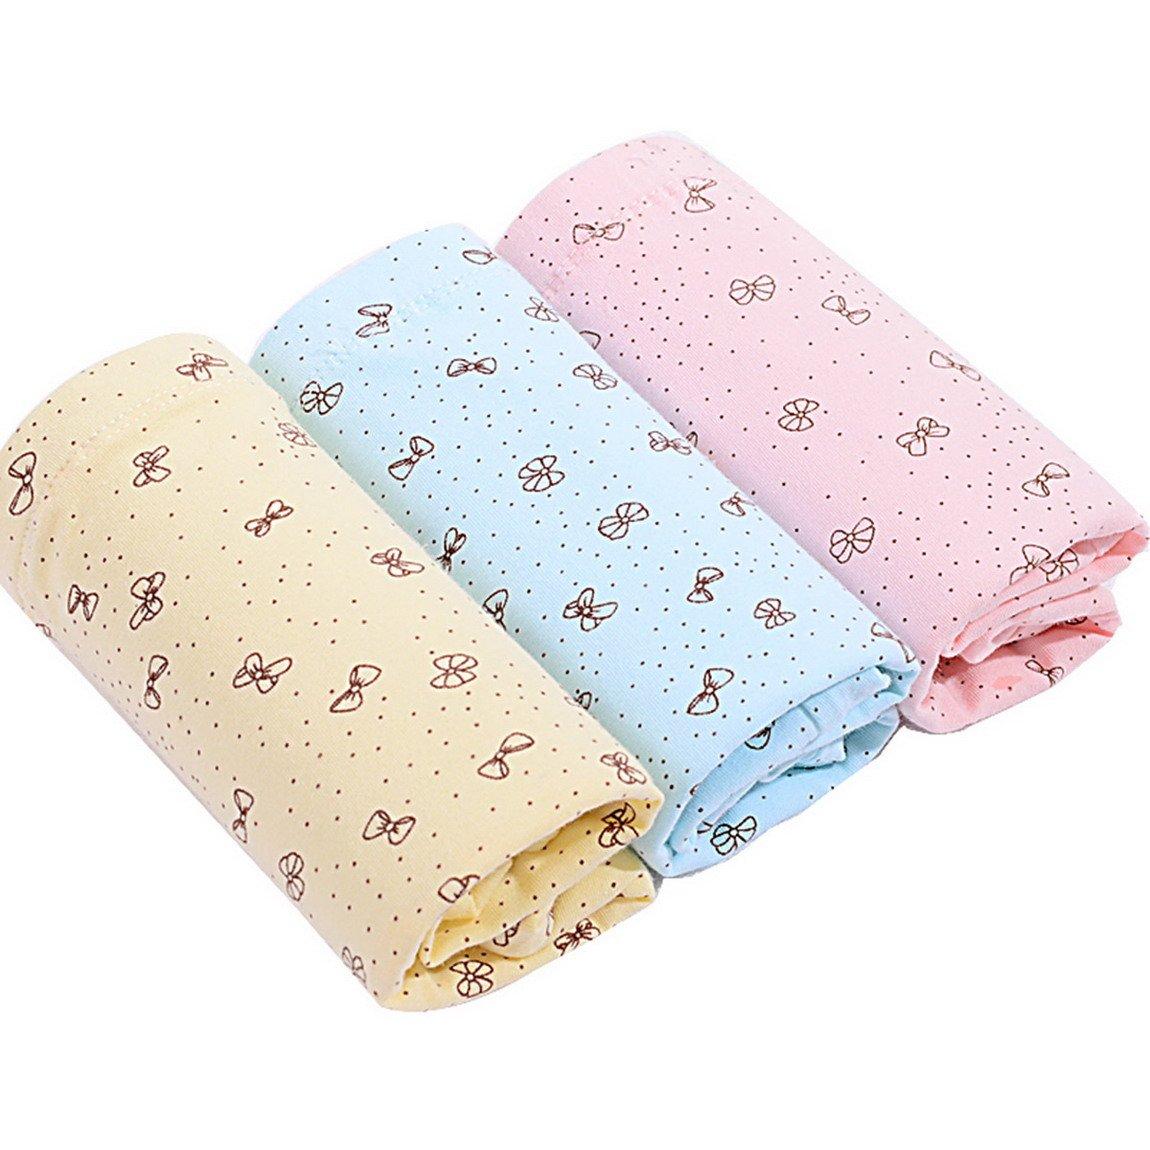 Aivtalk Women's Maternity Panties Cotton Blend High Waist Underwear 3 Pieces